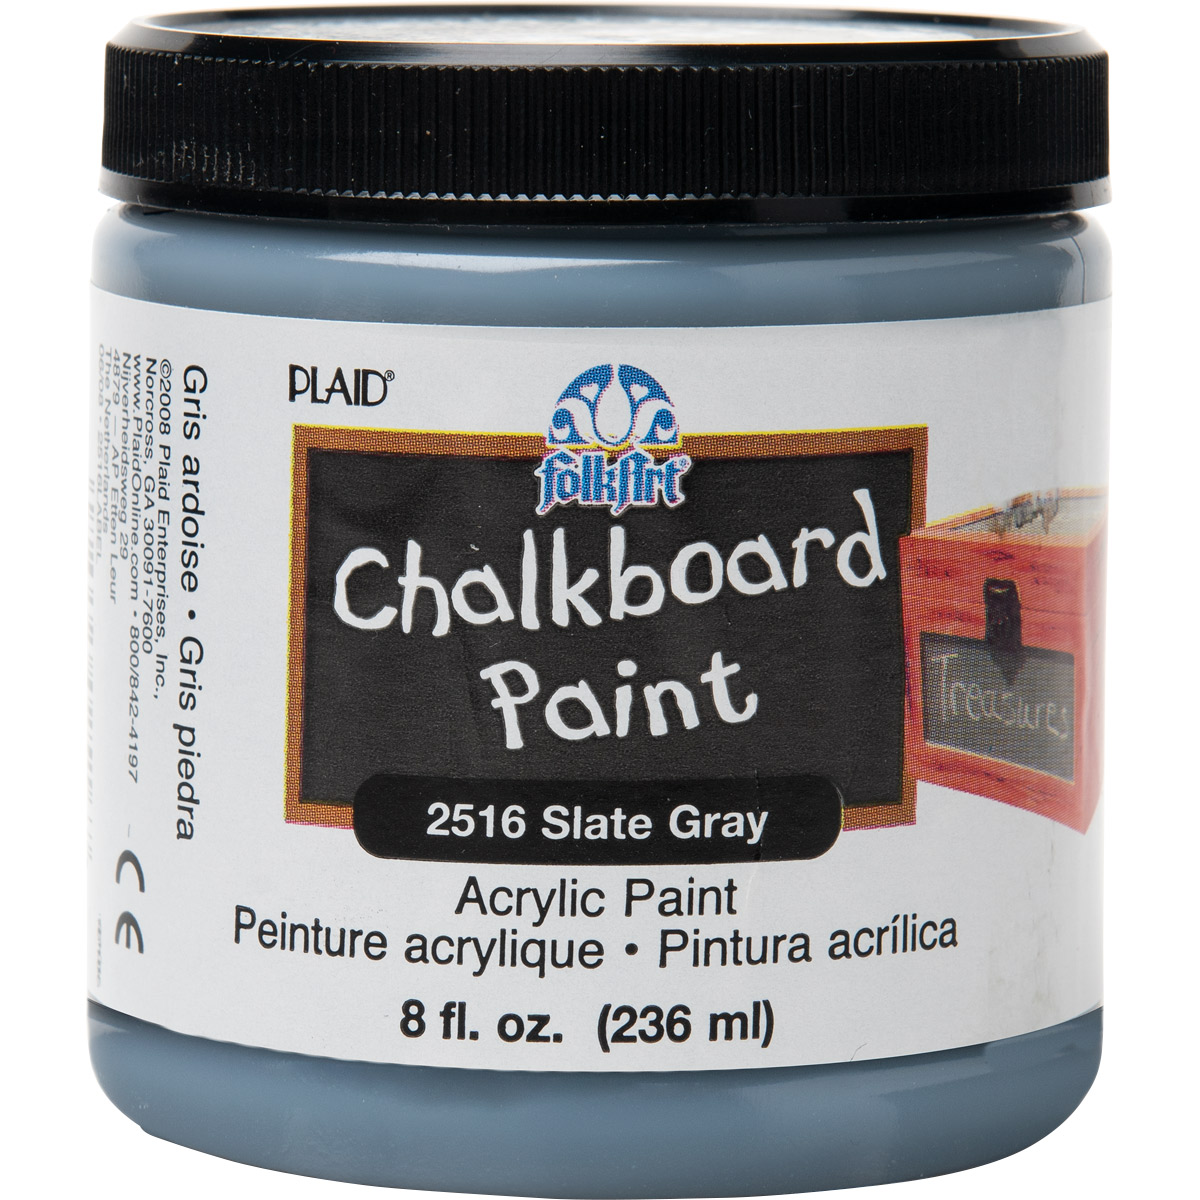 FolkArt ® Chalkboard Paint - Slate Gray, 8 oz. - 2516